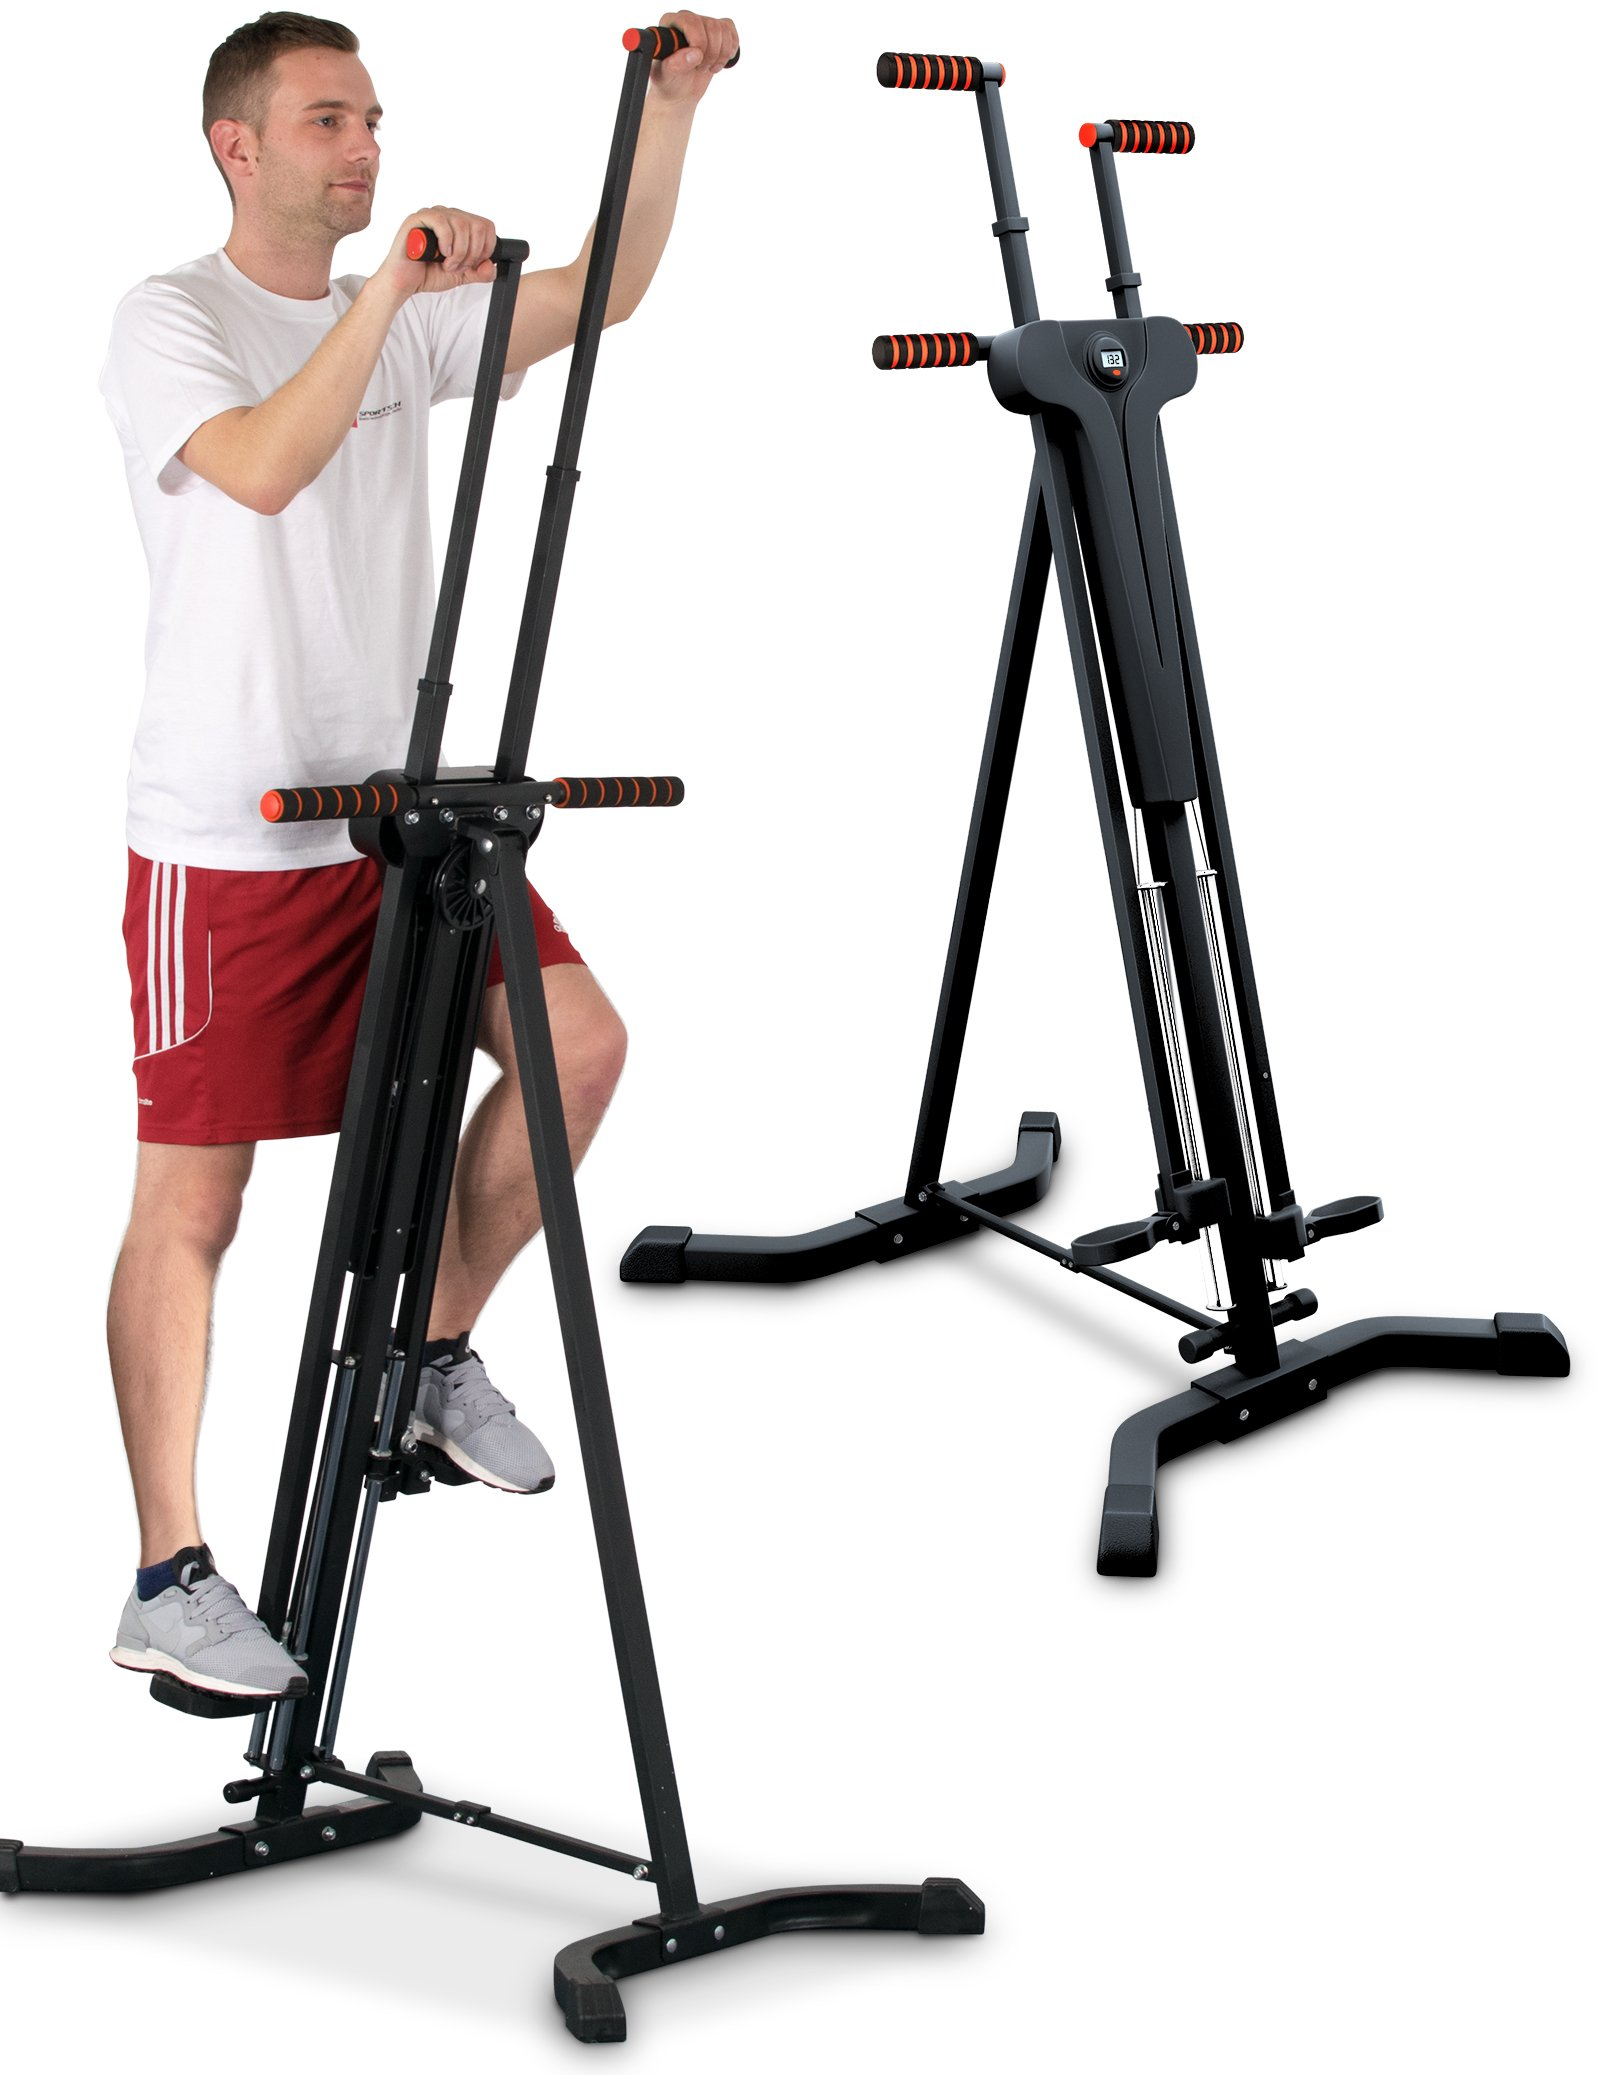 Sportstech Stepper & Machine d'Escalade Verticale 2-en-1 VC300 Grimpeur Vertical Fitness, Simulation d'Escalade, antidérapant et Structure Pliable, idéal pour Les entraînements corporels intensifs product image